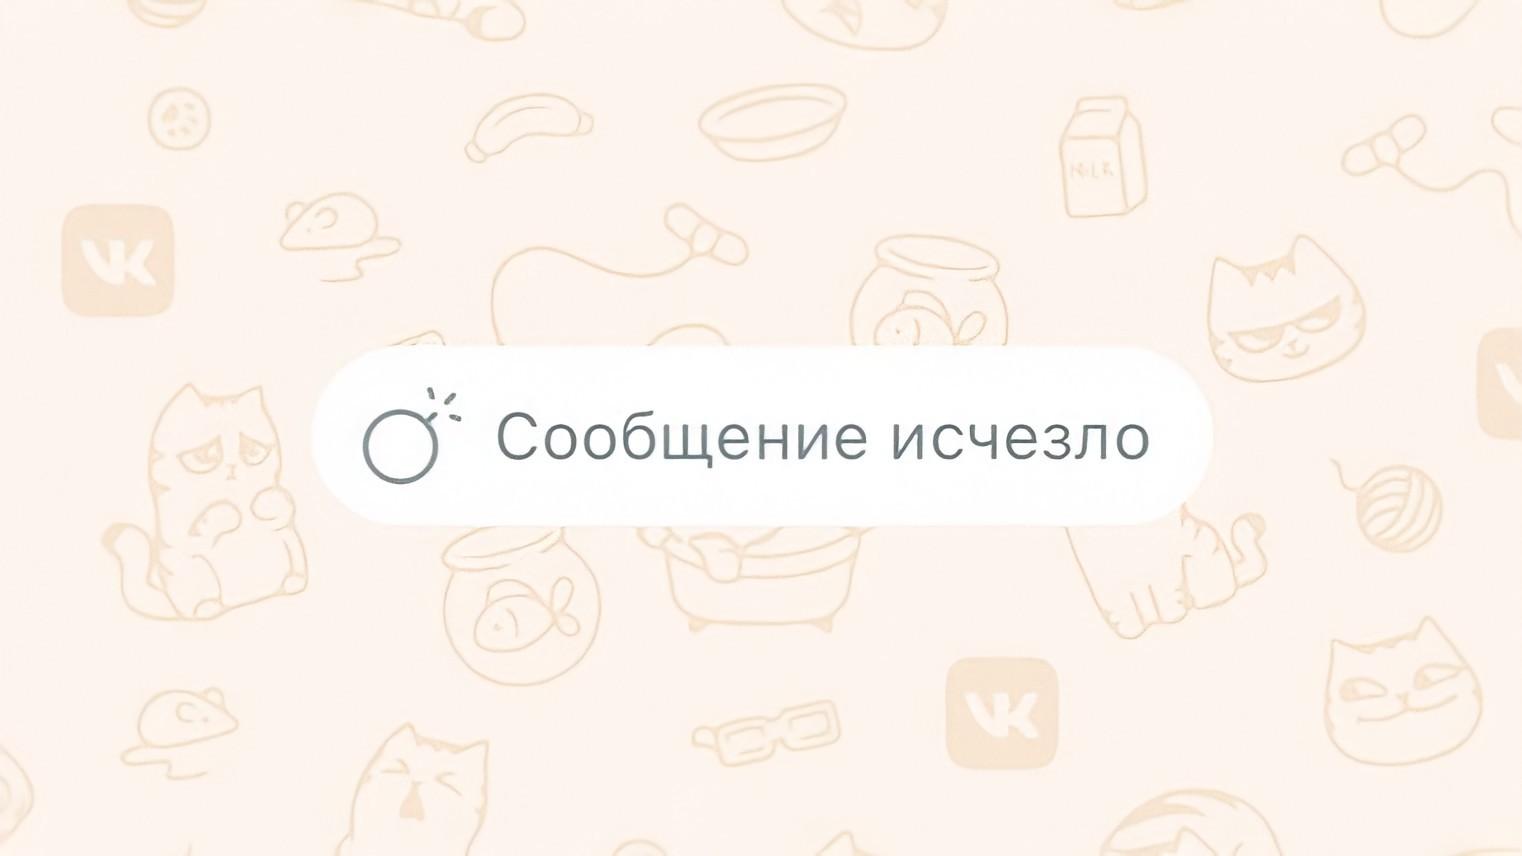 ВКонтакте запустил исчезающие и тихие сообщения